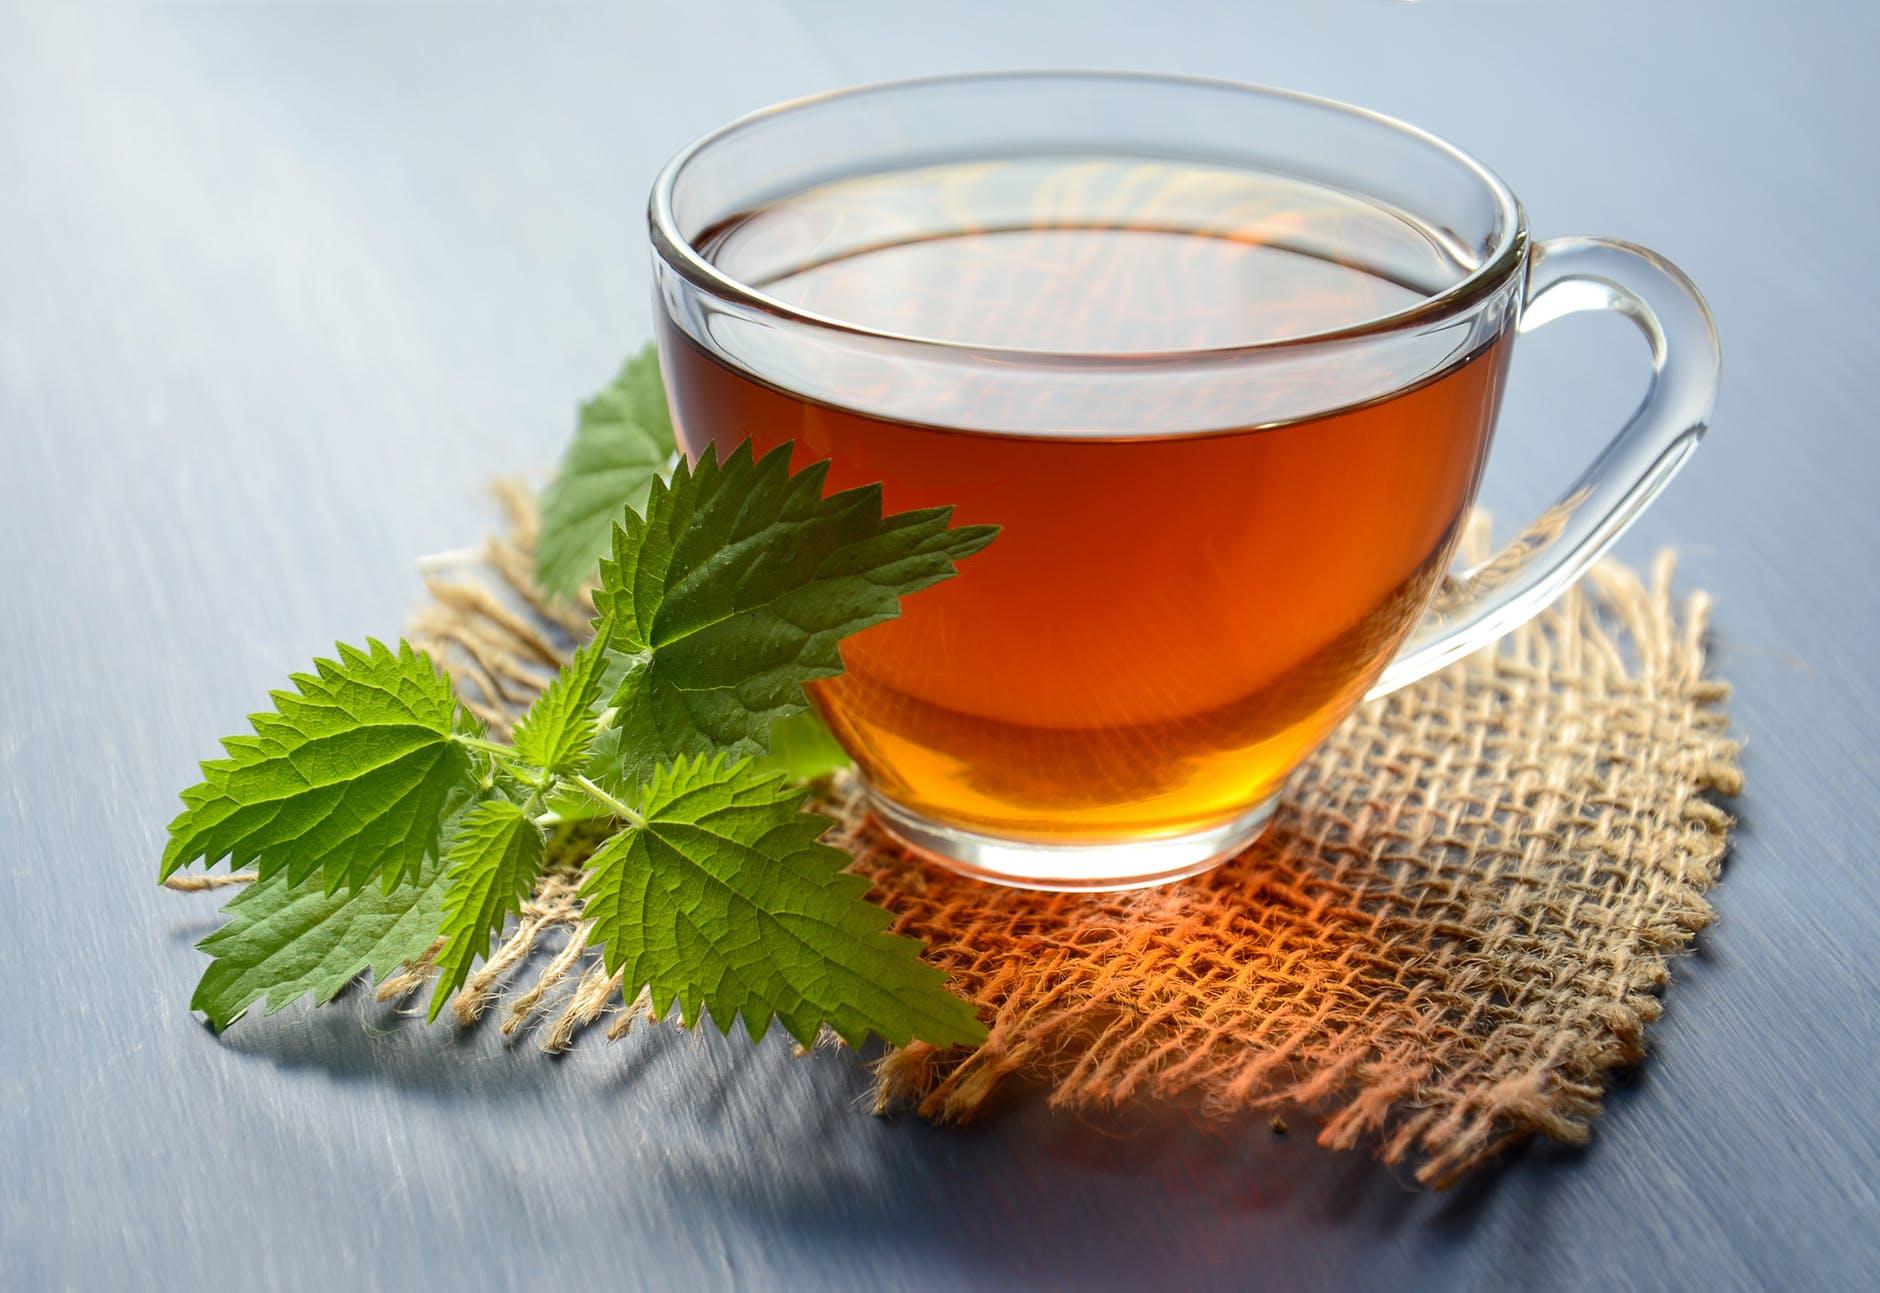 एक प्याली चाय